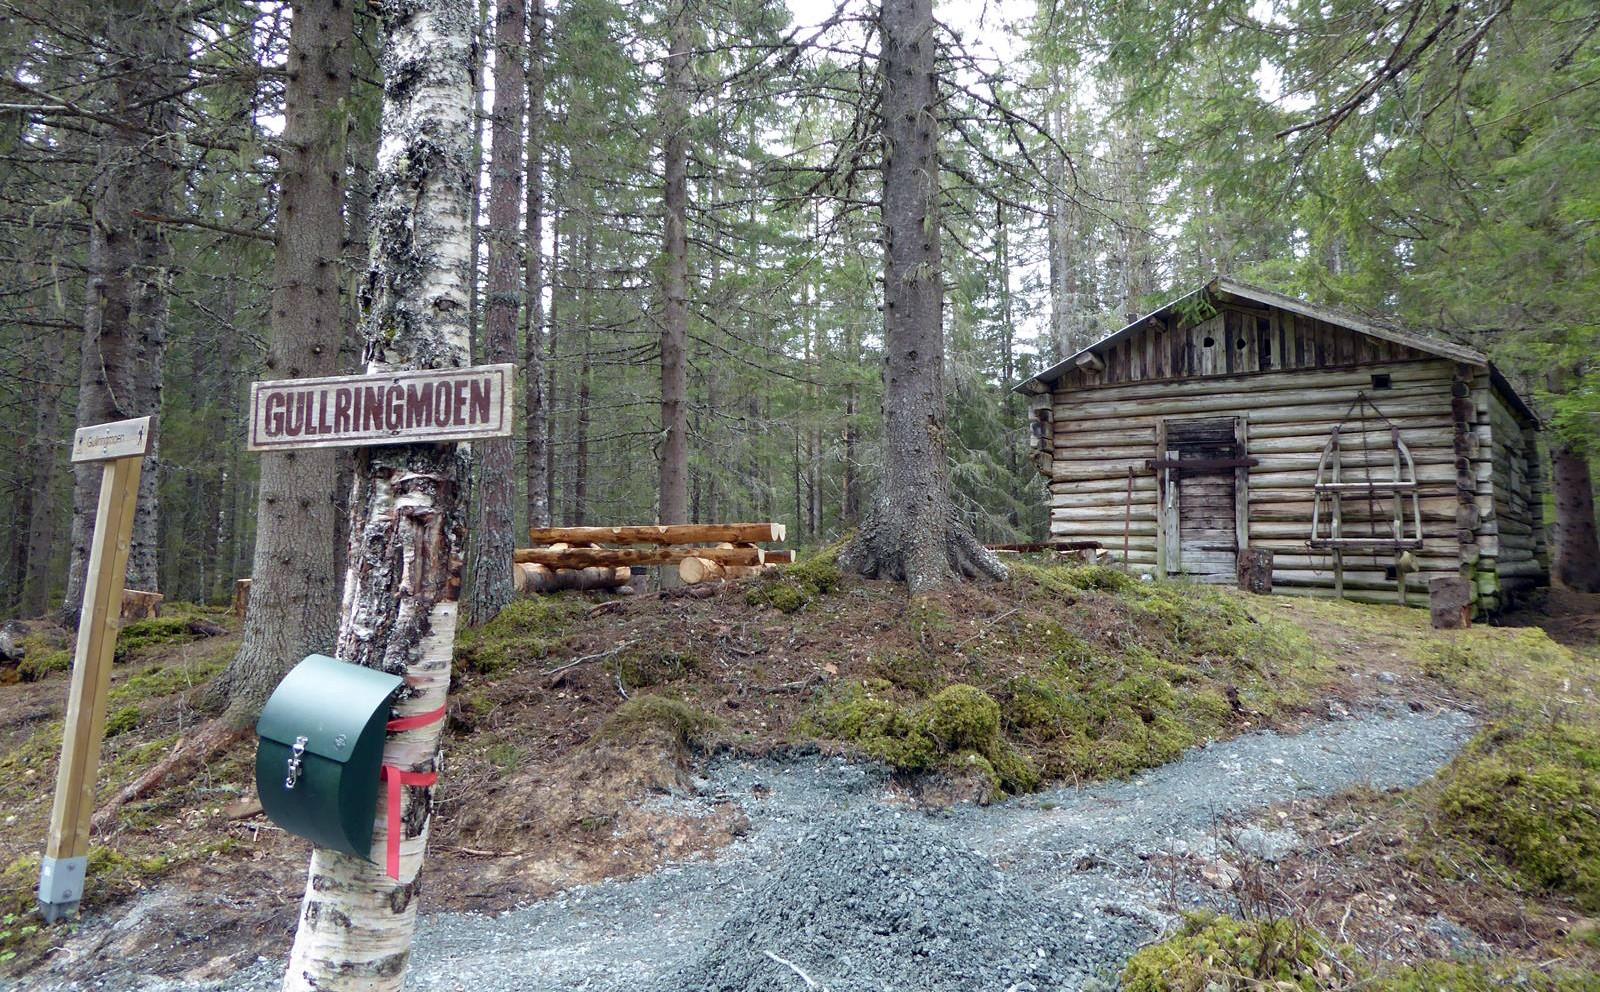 Gullringmoen skogkoie i Høybydalen, Hommelvik